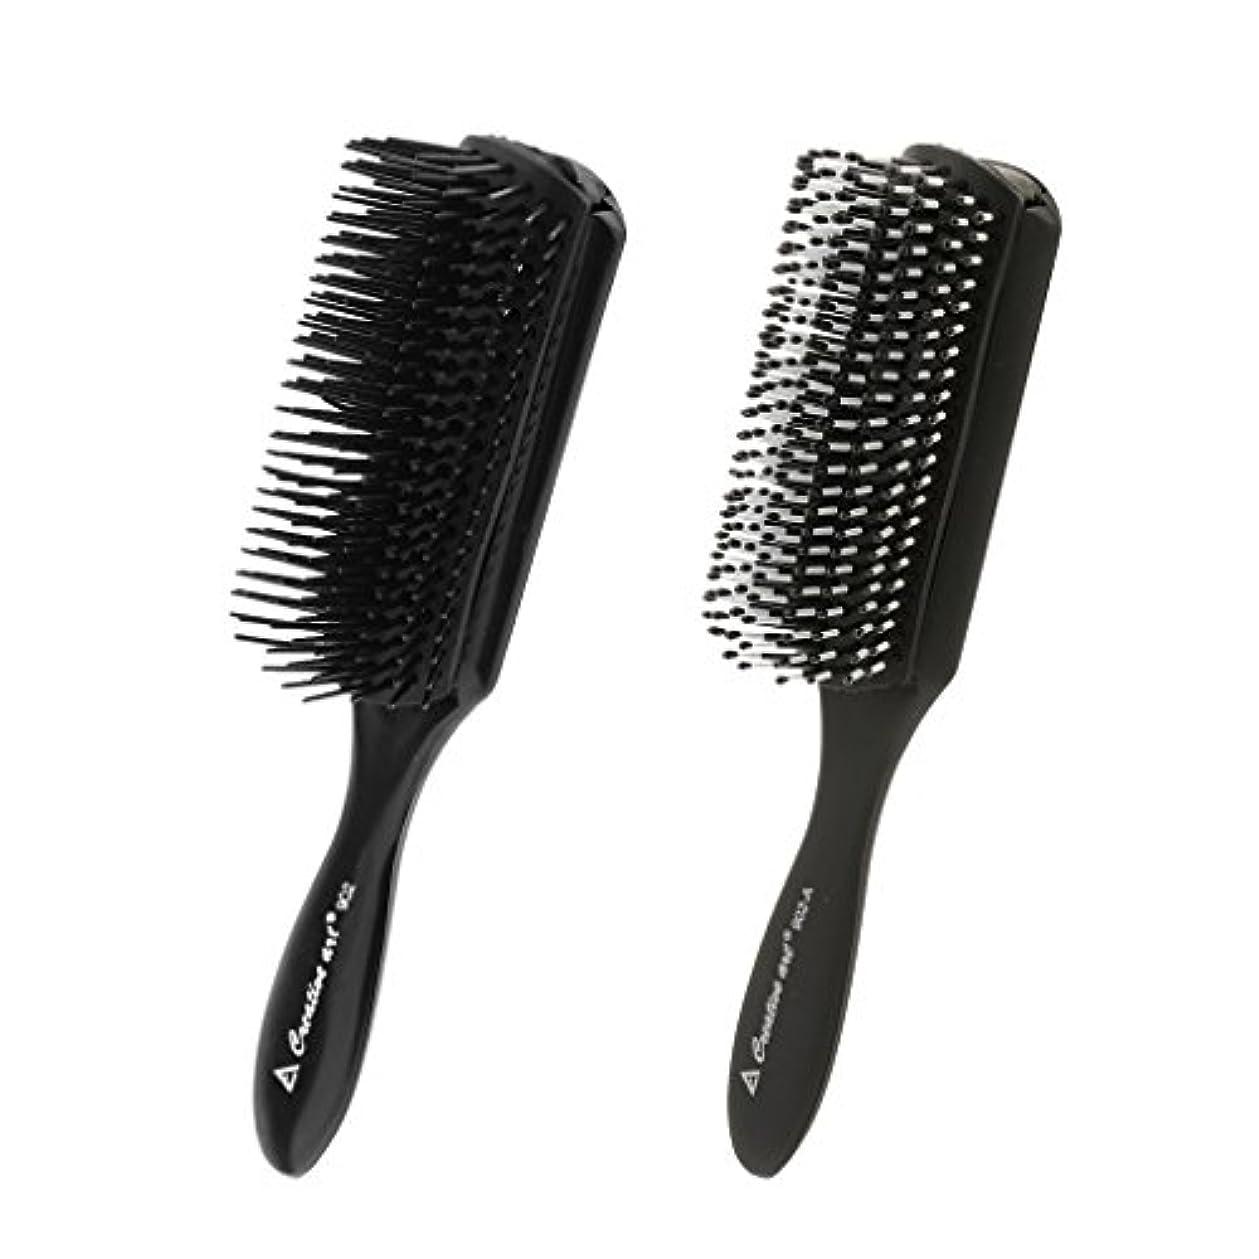 美人悪因子辛いCUTICATE 2本の黒い髪のスタイリングの櫛頭皮マッサージブラシサロン理髪用